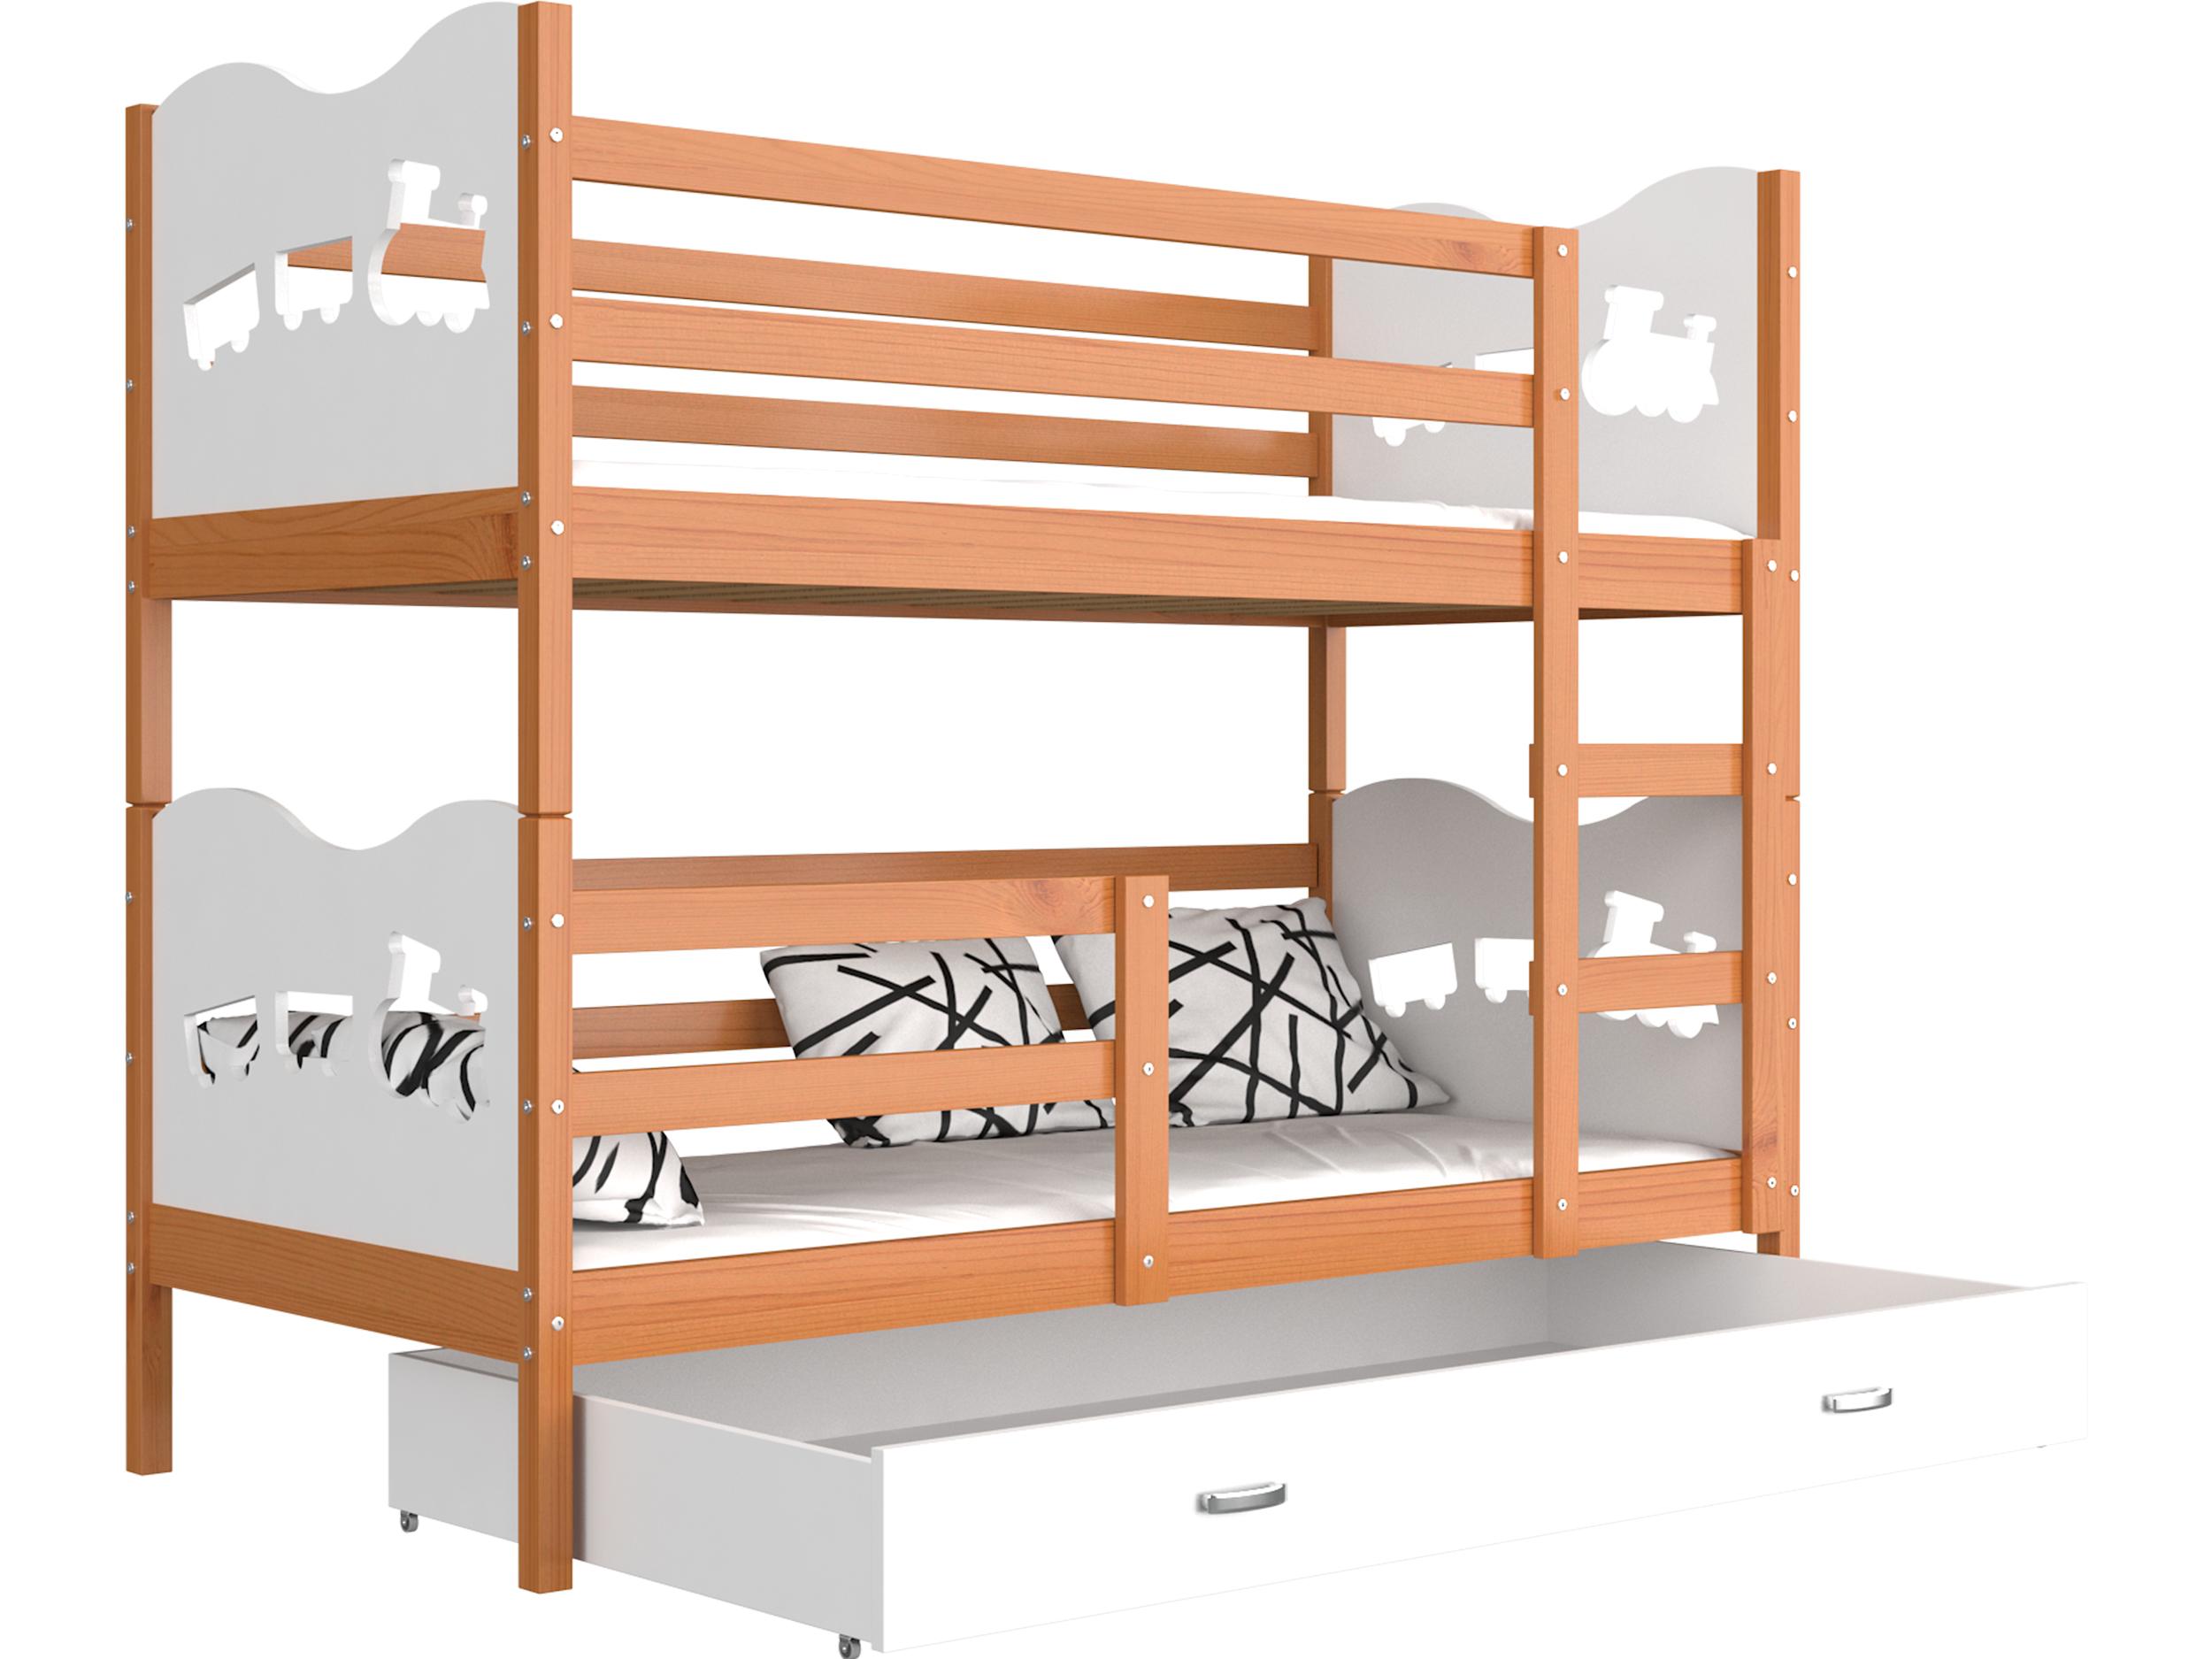 ArtAJ Detská poschodová posteľ MAX drevo / MDF 190 x 80 cm Farba: jelša / biela 190 x 80 cm, s matracom